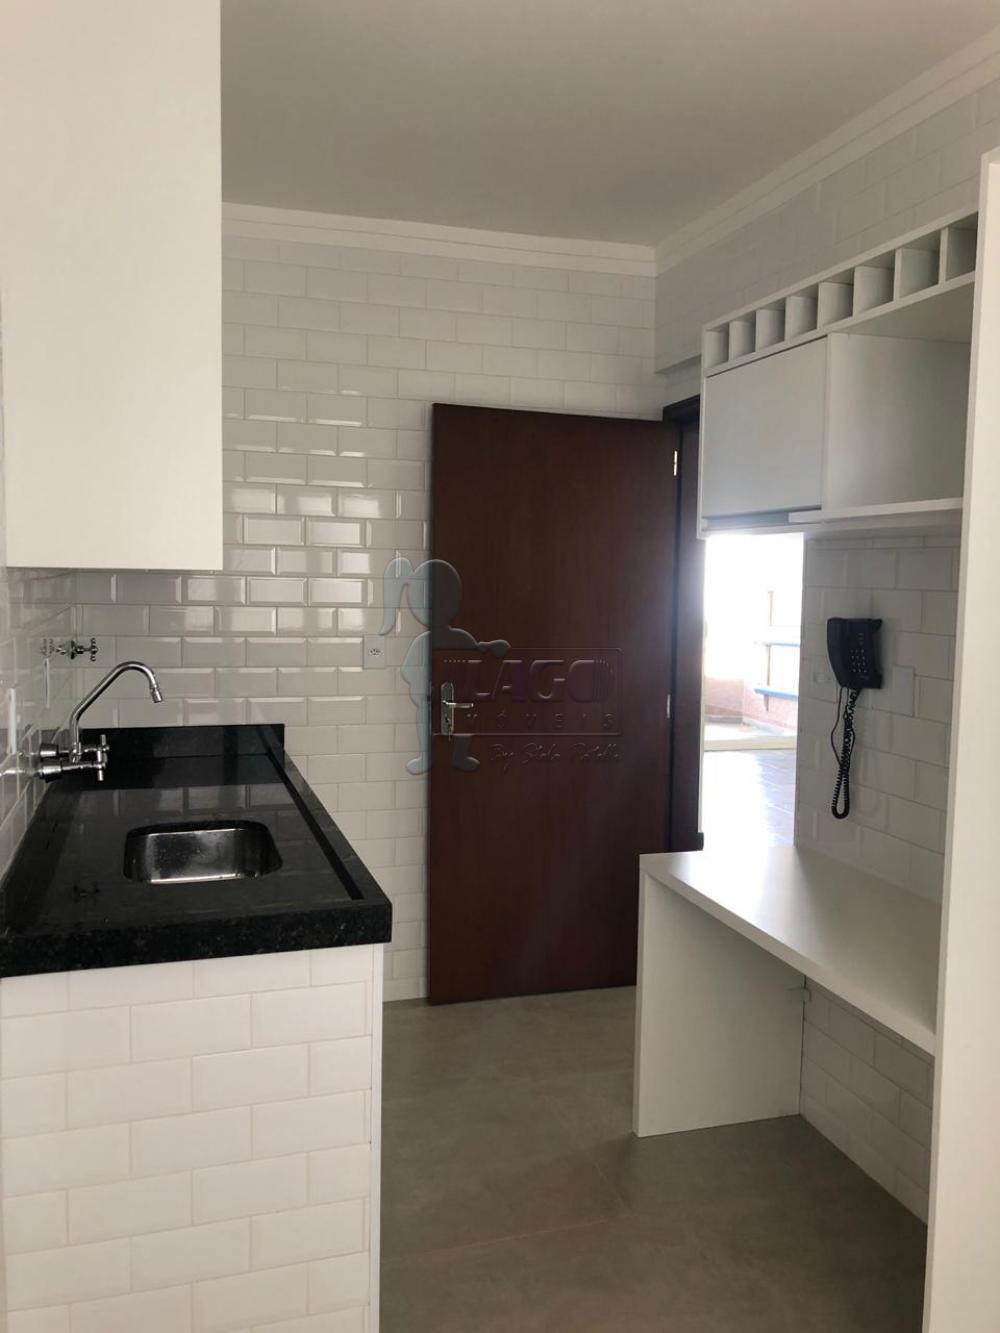 Comprar Apartamento / Padrão em Ribeirão Preto apenas R$ 295.000,00 - Foto 2